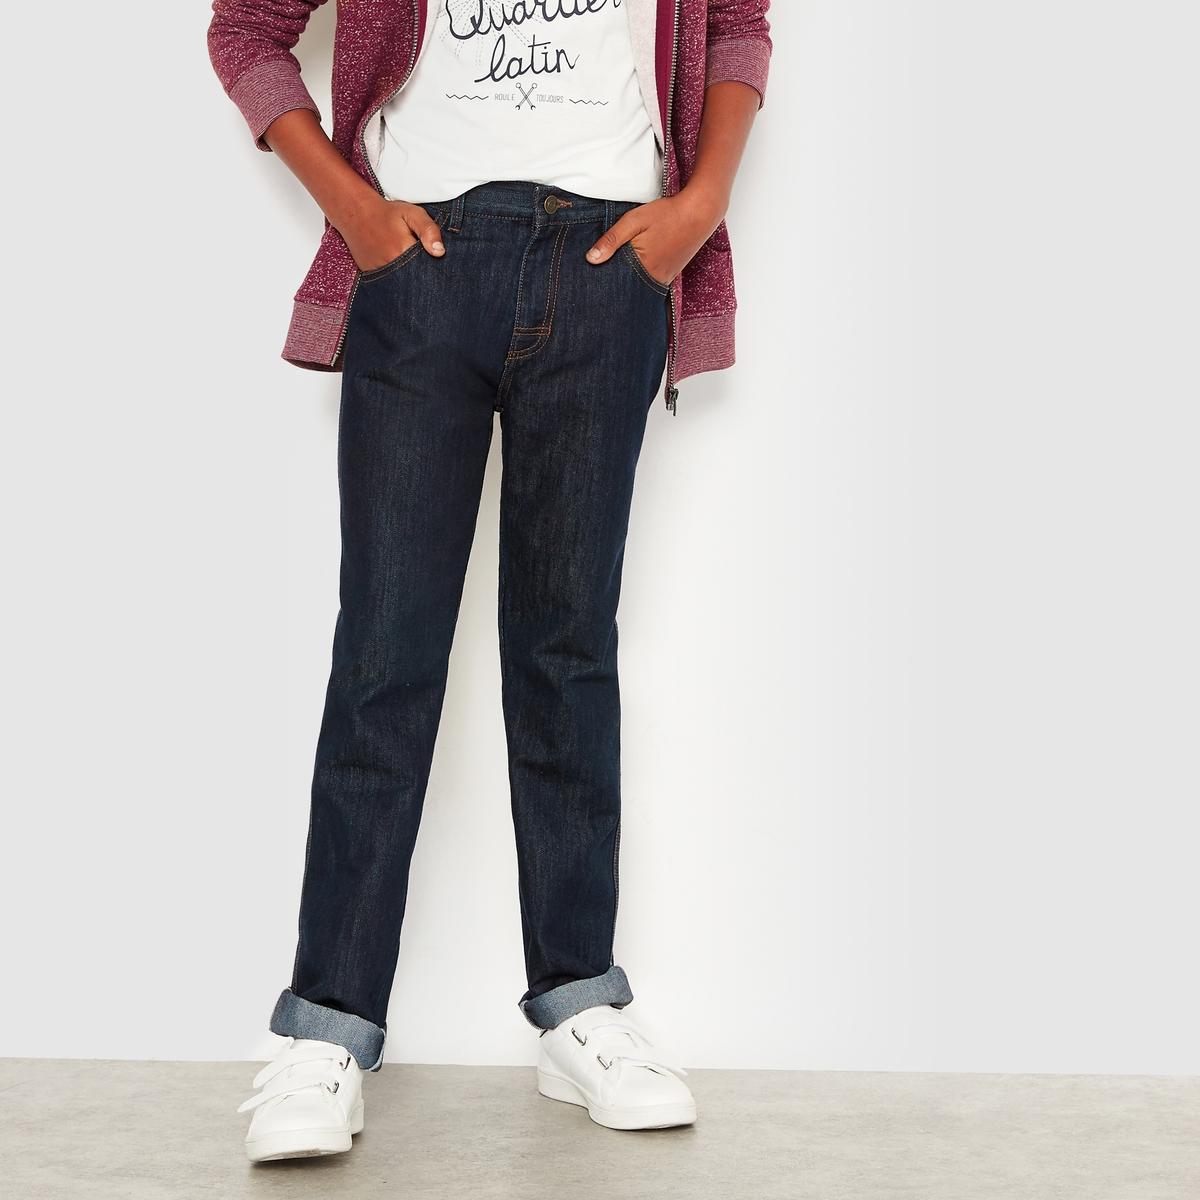 Джинсы широкие, 10-16 летШирокие джинсы с 5 карманами из денима. Пояс регулируется внутренней резинкой на пуговице. Застежка на молнию и пуговицу.  Состав и описаниеМатериал       деним 58% хлопка, 42% полиэстераМарка       R essentielУходСтирать и гладить с изнаночной стороныМашинная стирка при 30 °С в умеренном режиме с вещами схожих цветовМашинная сушка в обычном режимеГладить при умеренной температуре<br><br>Цвет: синий потертый<br>Размер: 10 лет - 138 см